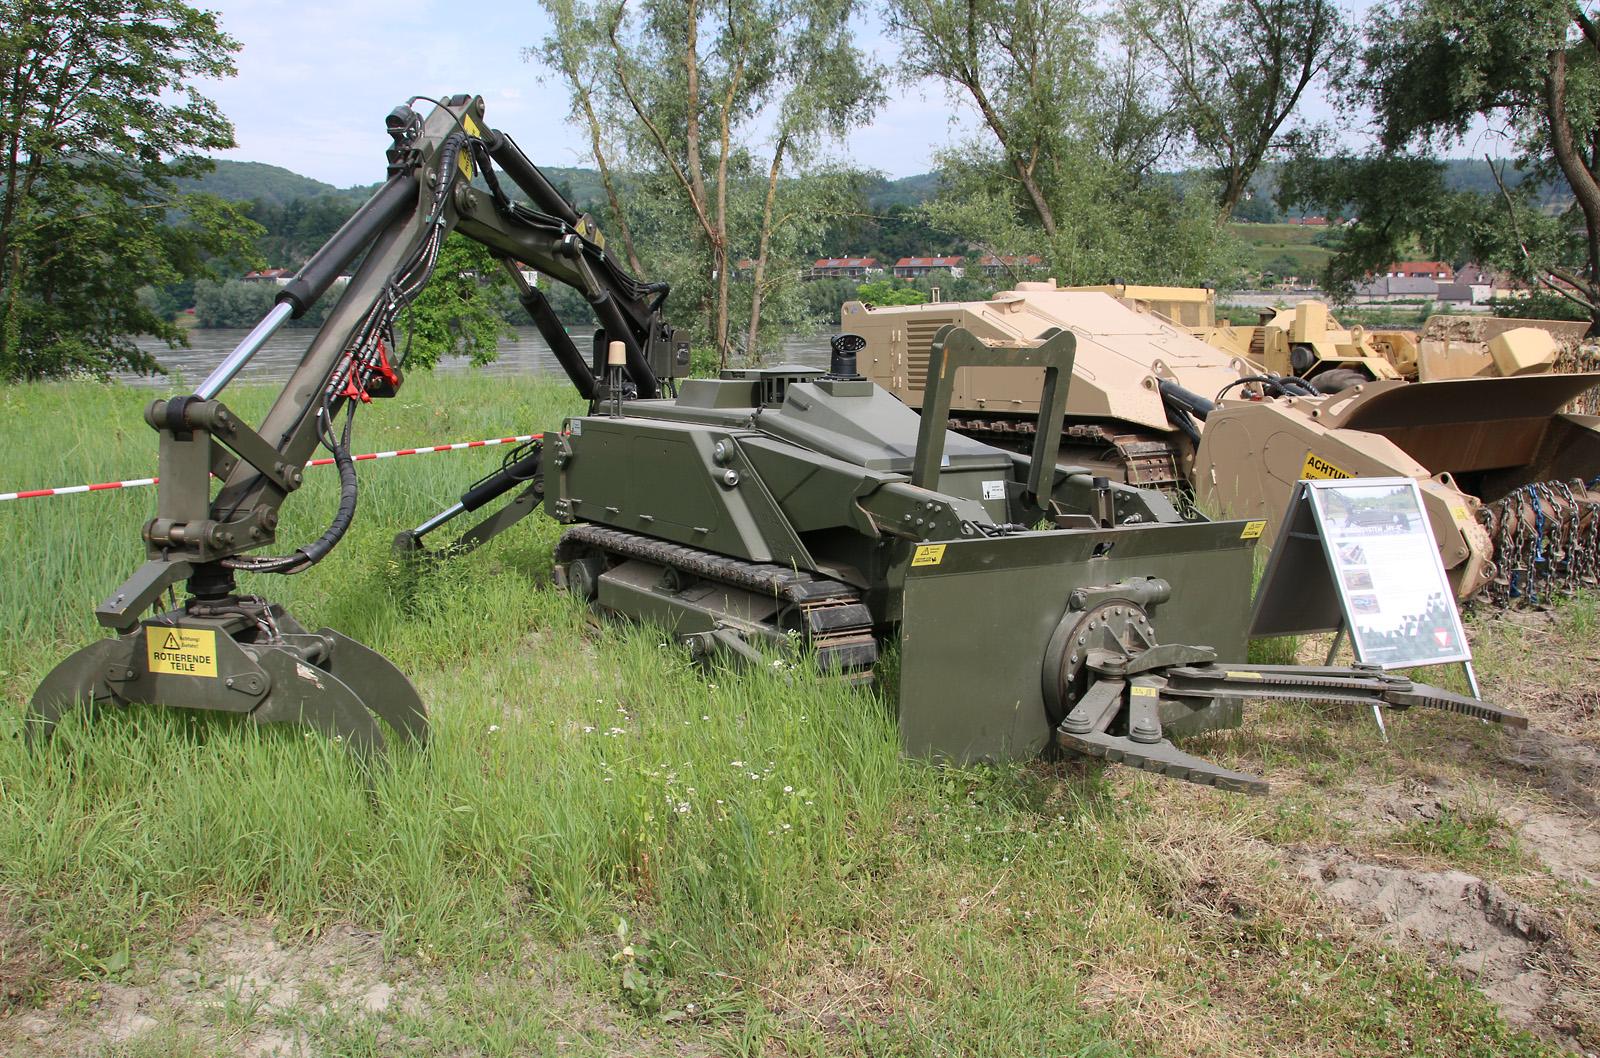 DOK-ING MV-4 mit Roboterarm und Greif- / Schneidzange © Doppeladler.com